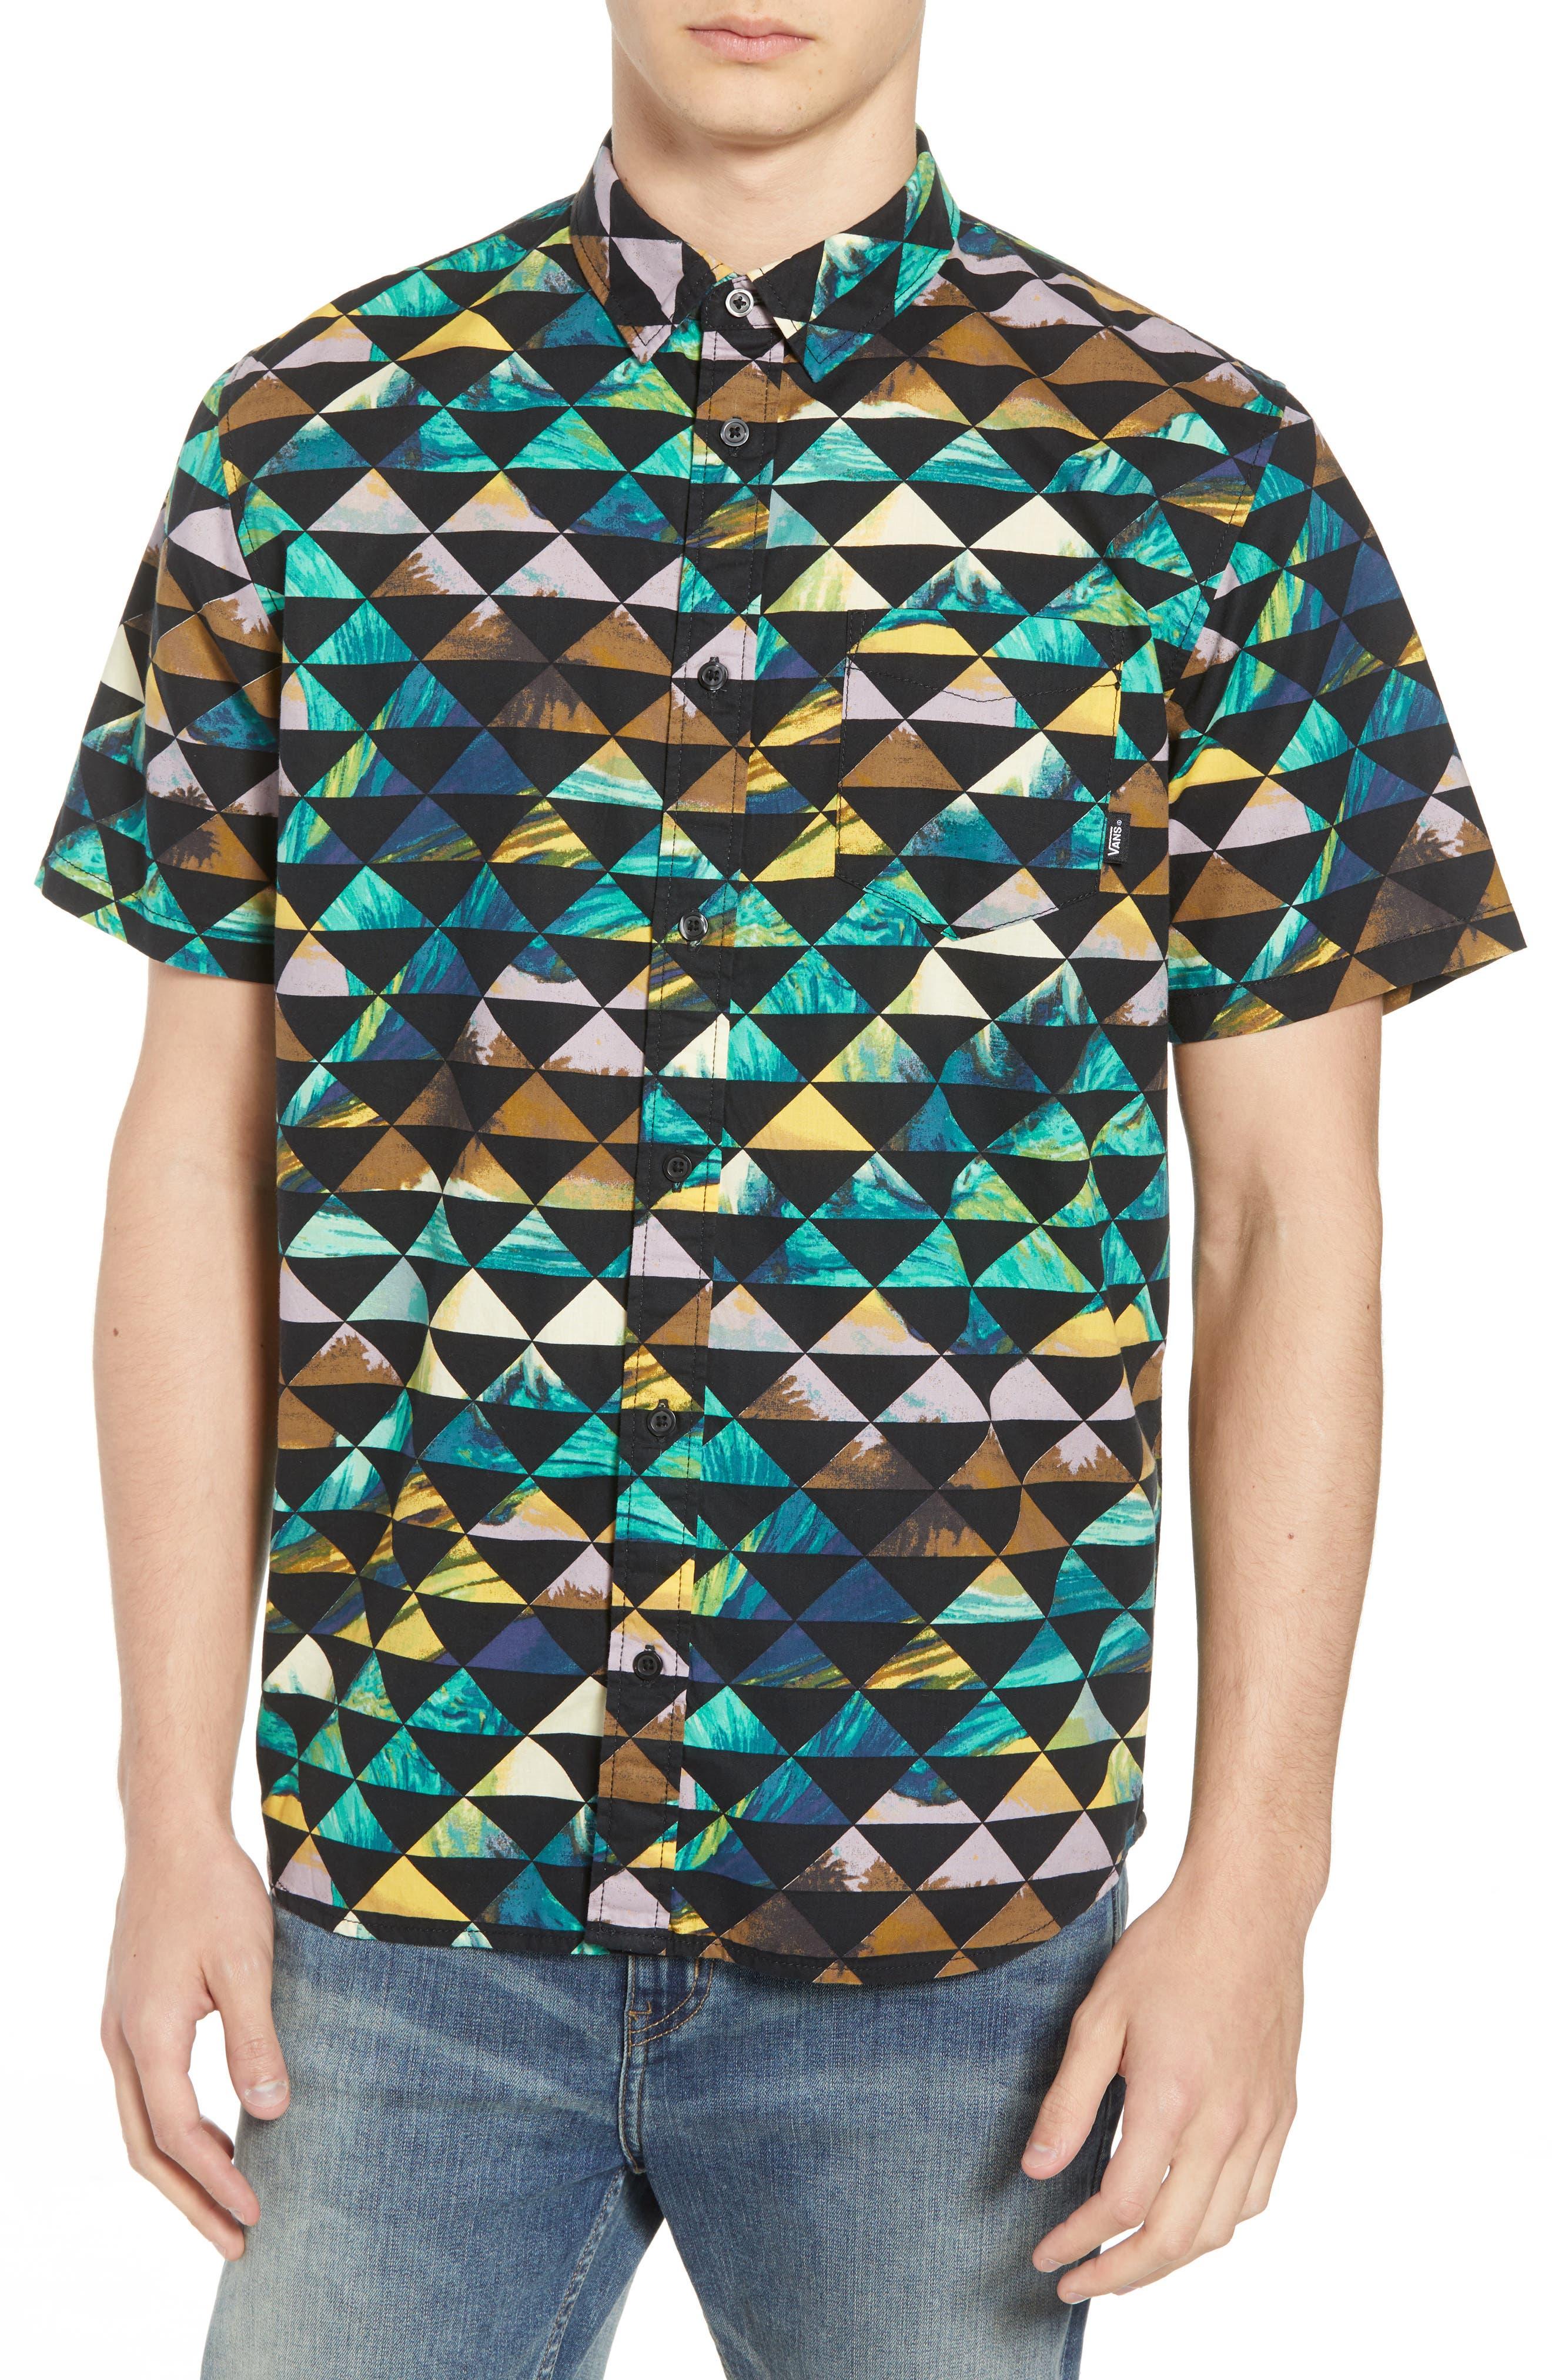 2018 VTCS Aloha Print Woven Shirt,                         Main,                         color, 001